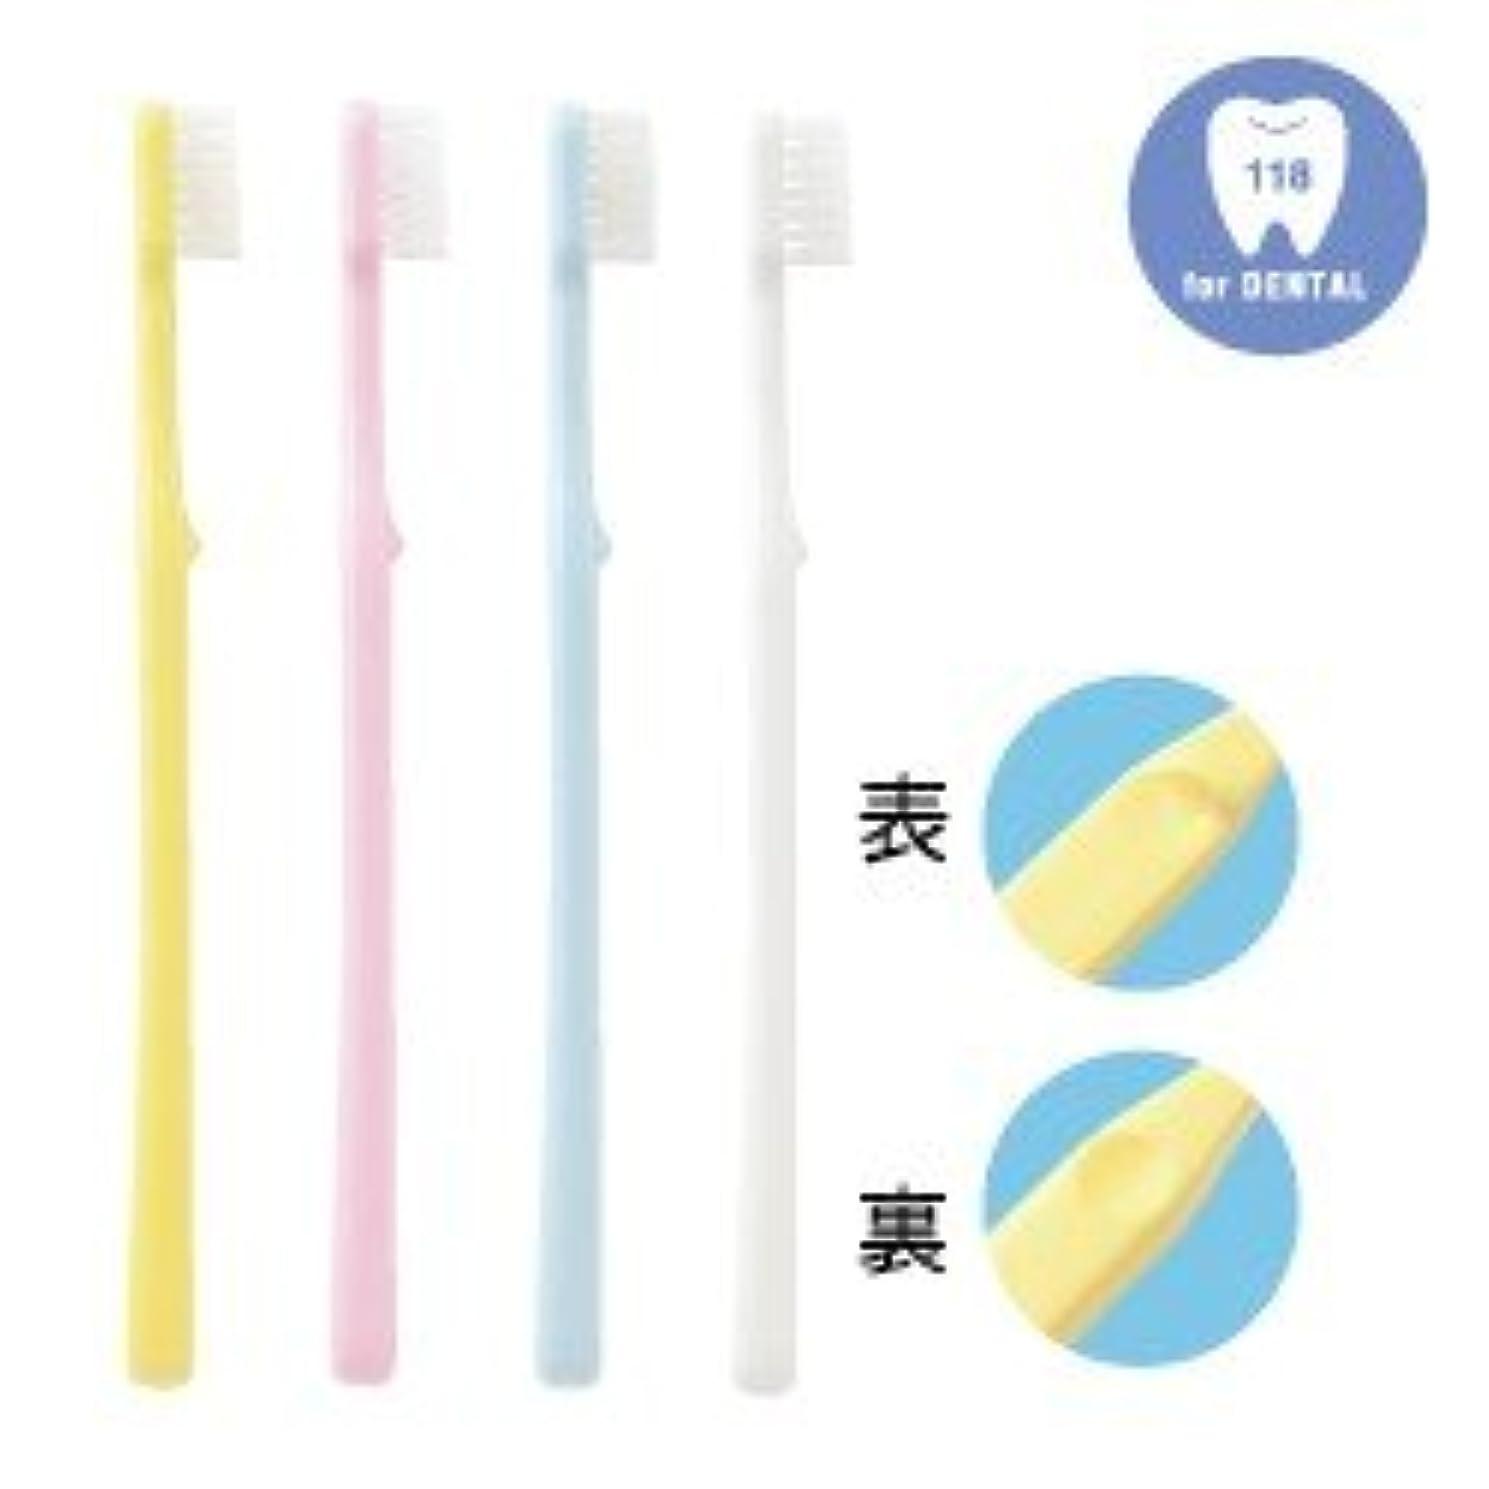 再生可能レッスン秀でる歯科専用歯ブラシ フォーカス 子供用 118シリーズ M(ふつう) 20本